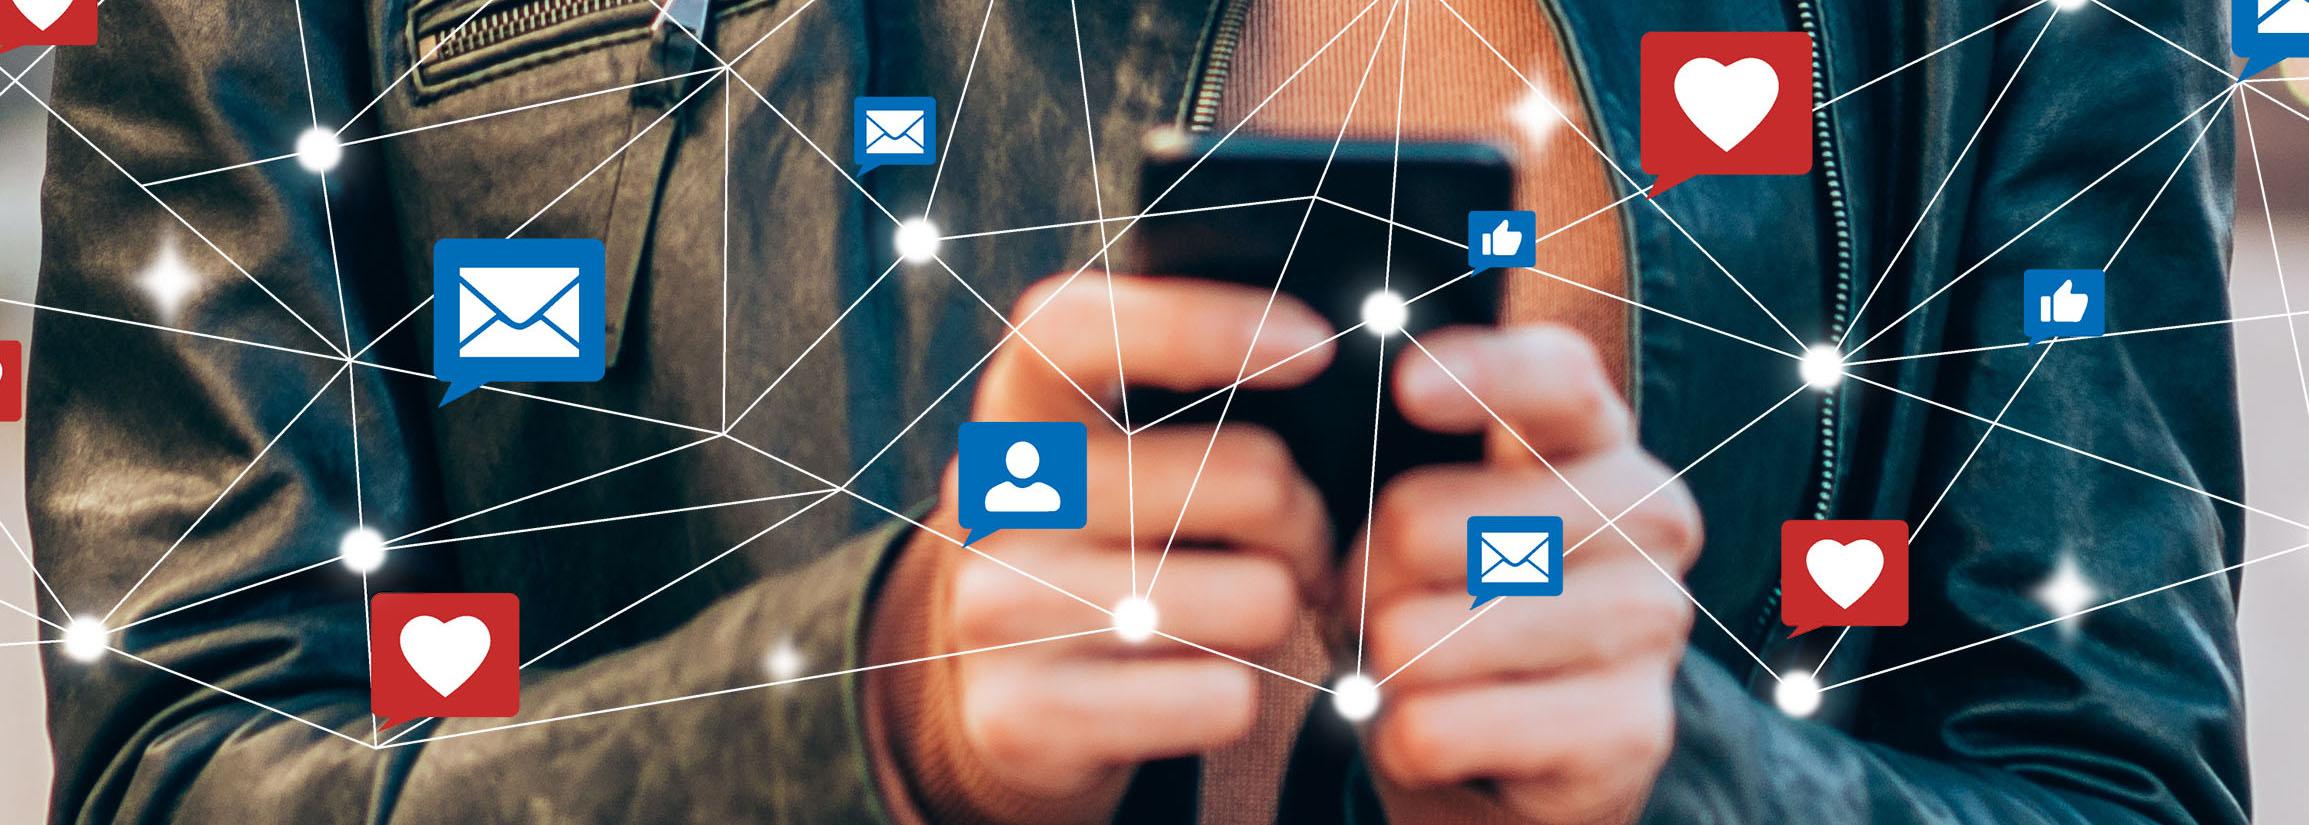 marketing su Facebook 2021